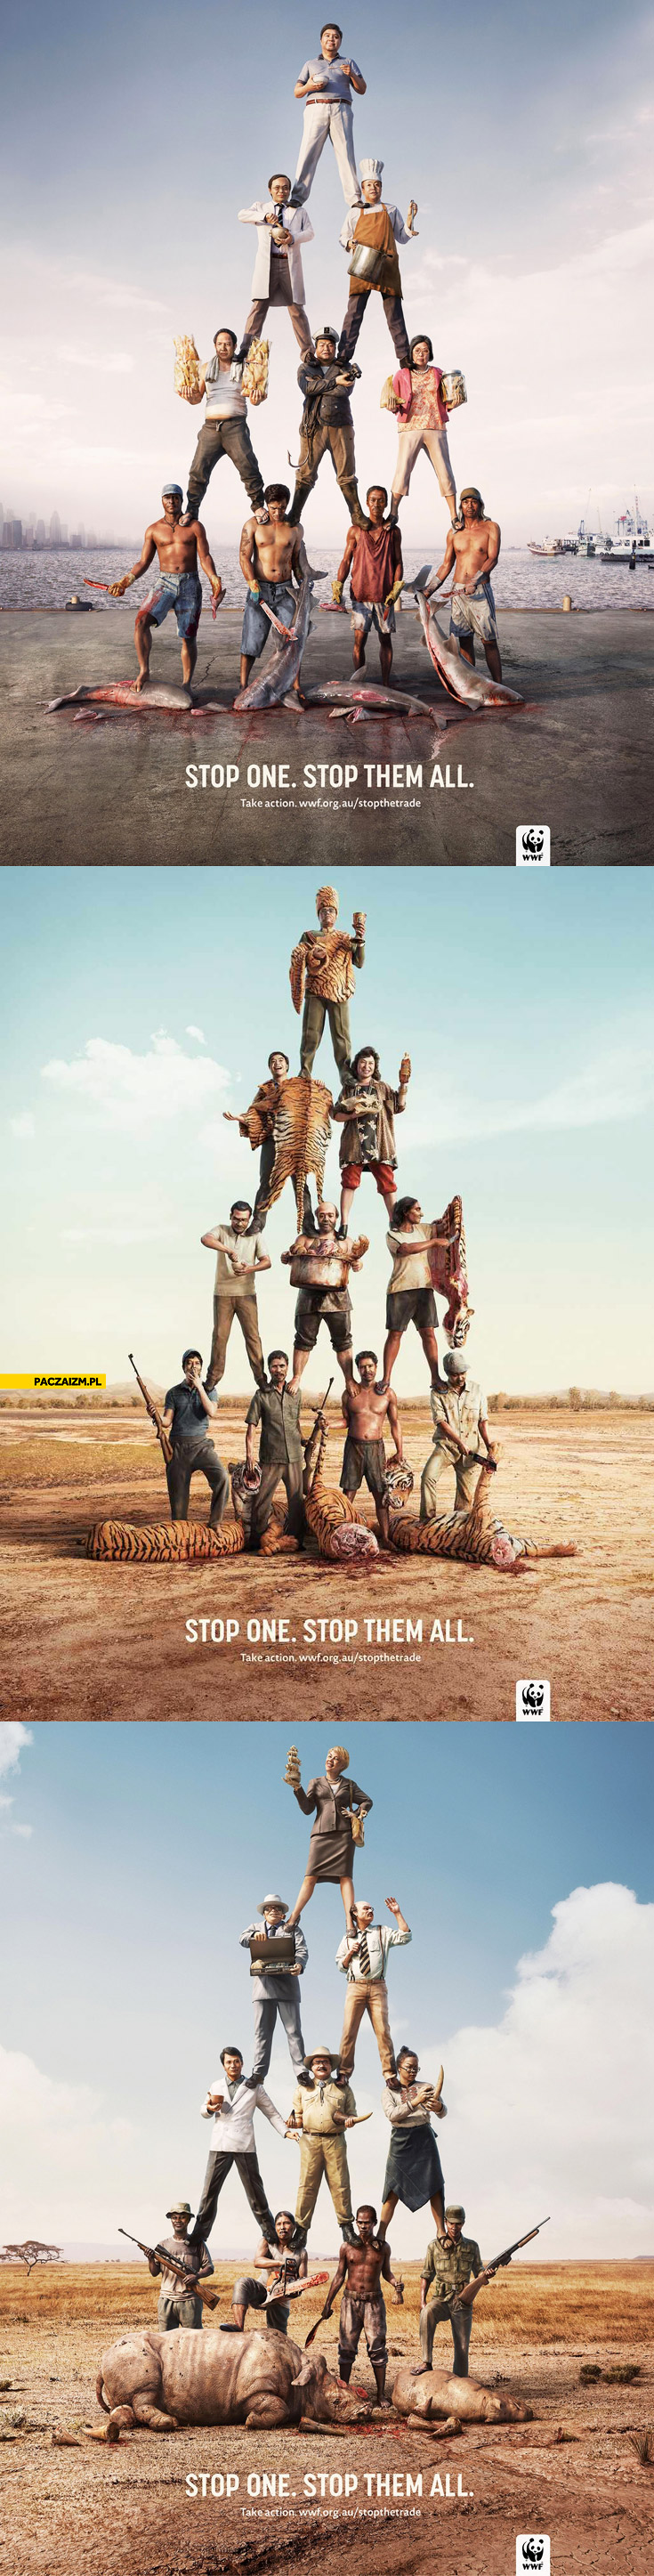 Kampania WWF zatrzymaj jednego zatrzymaj wszystkich stop one stop them all